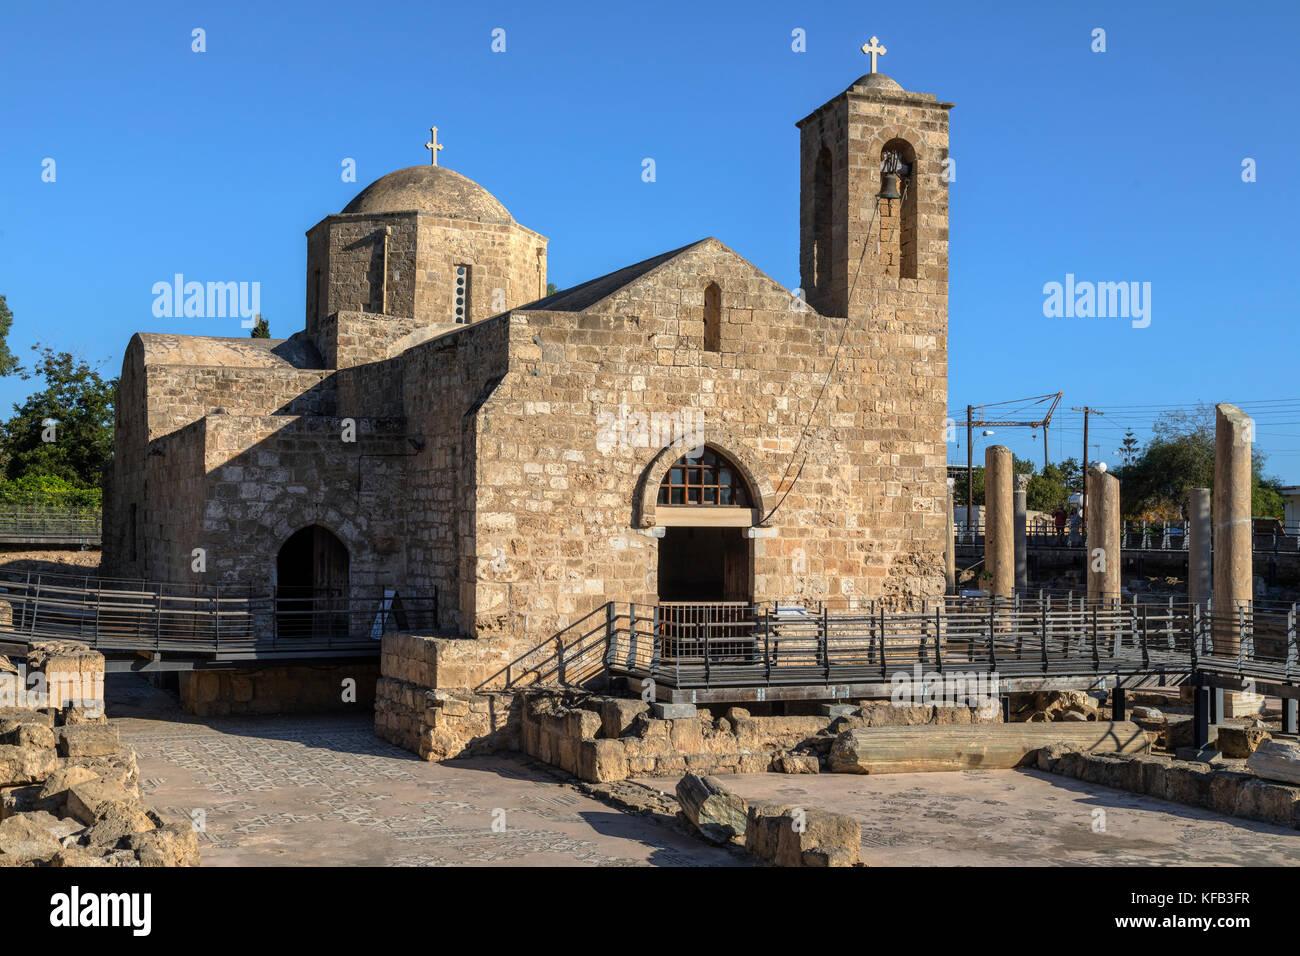 Agia Kyriaki Chrysopolitissa, Paphos, Cyprus - Stock Image